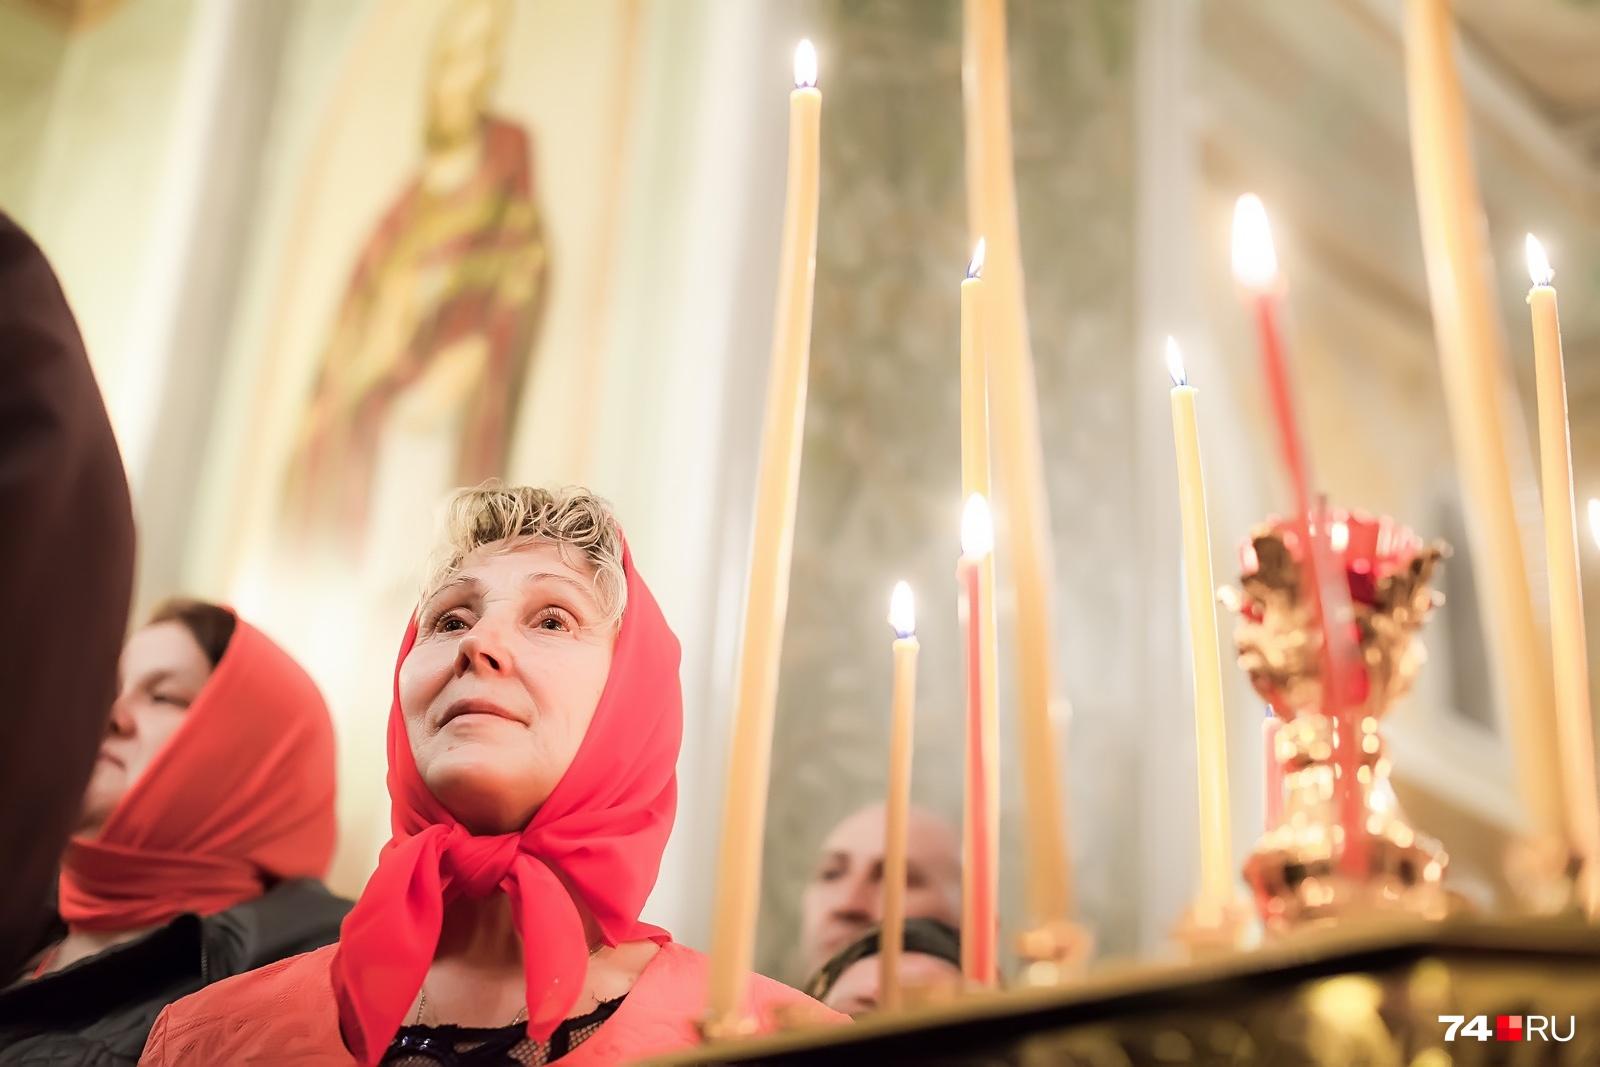 Решая сделать день после Пасхи праздничным, депутаты ссылаются на опыт Запада